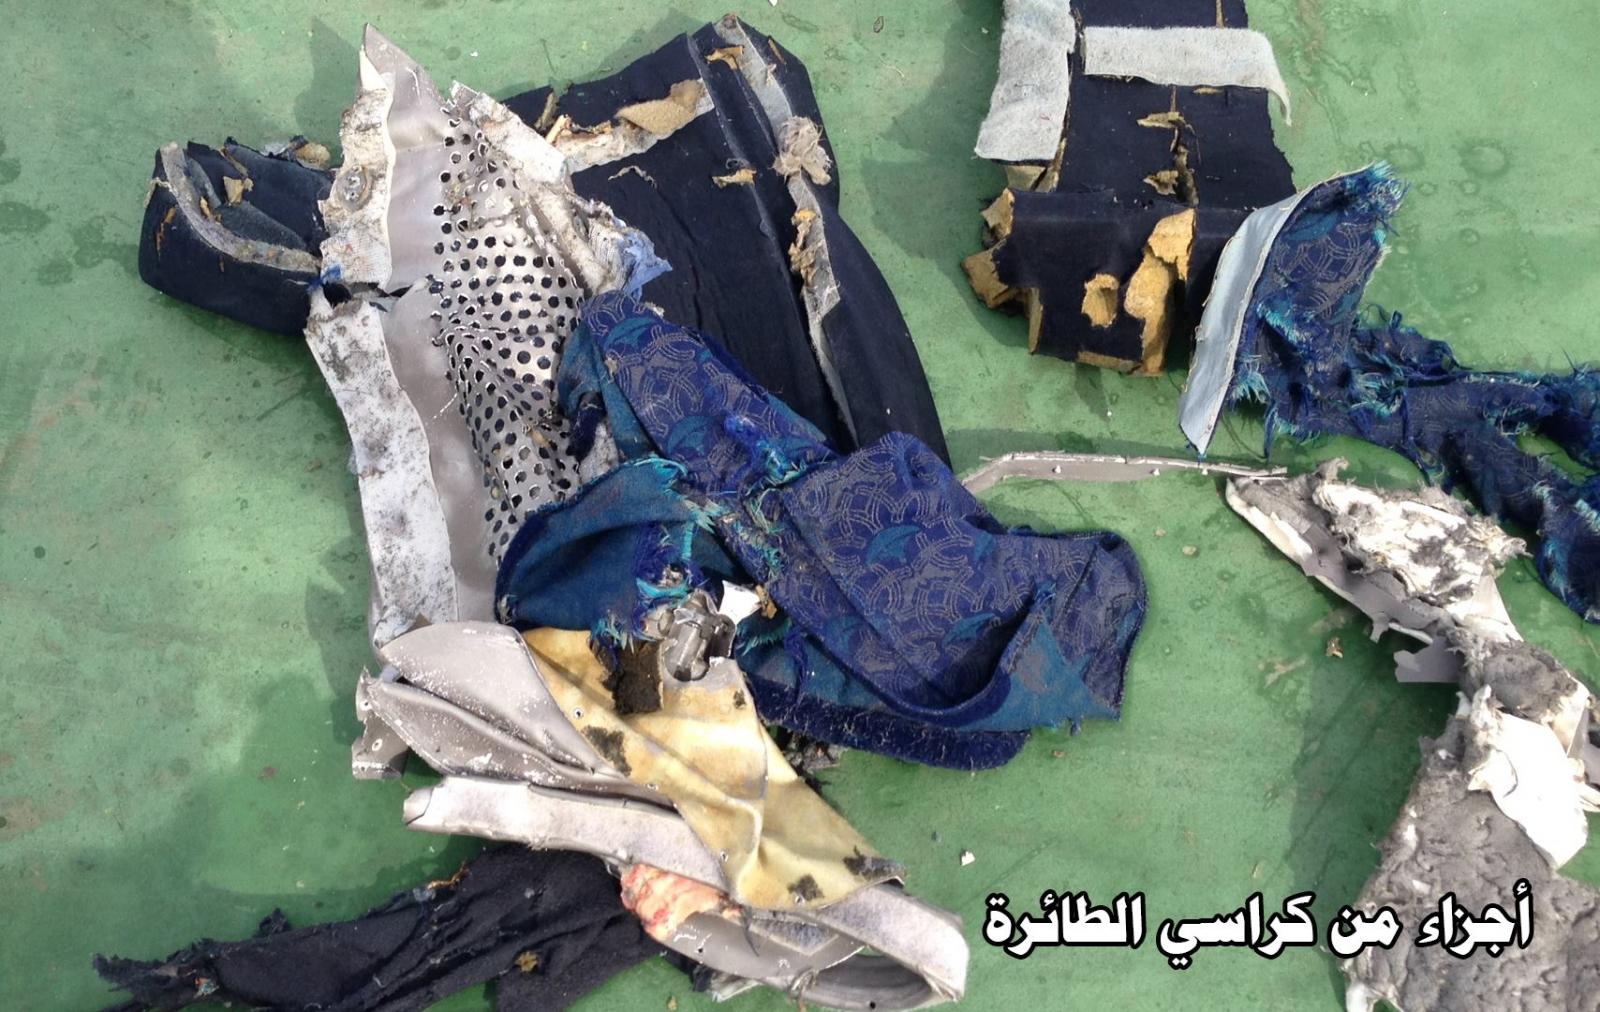 EgyptAir MS804: Debris 4